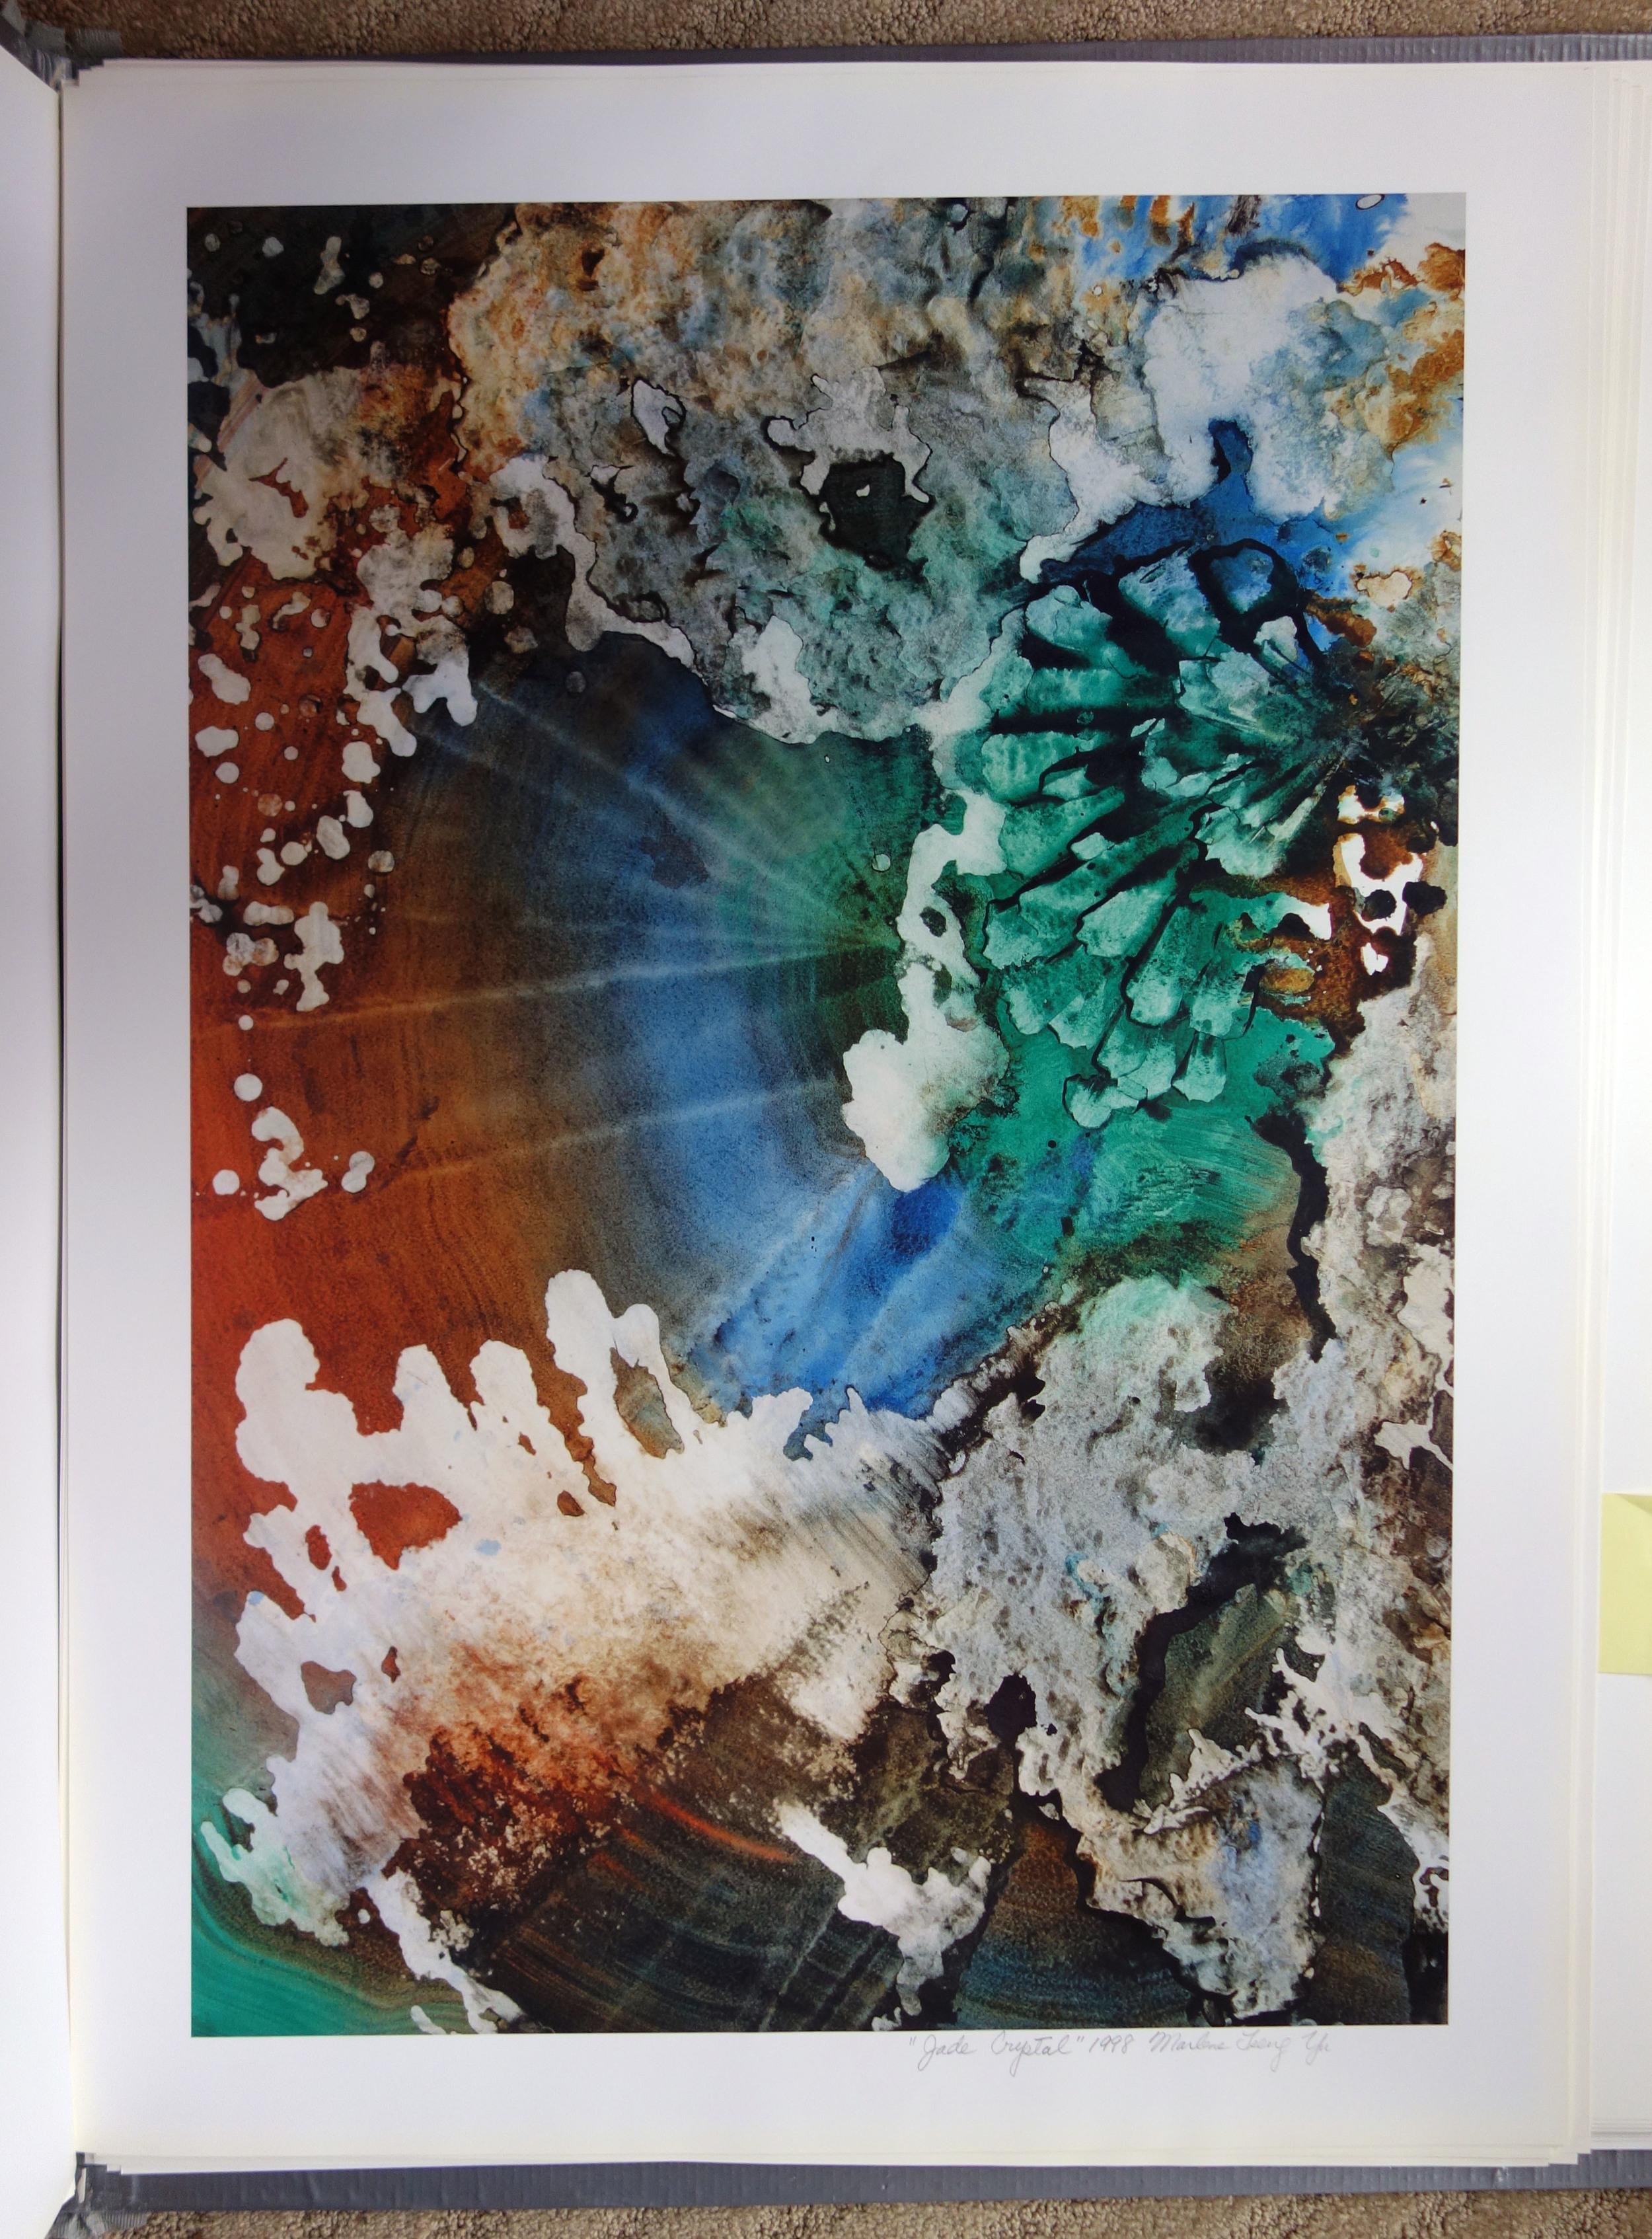 Jade Crystal, 1998